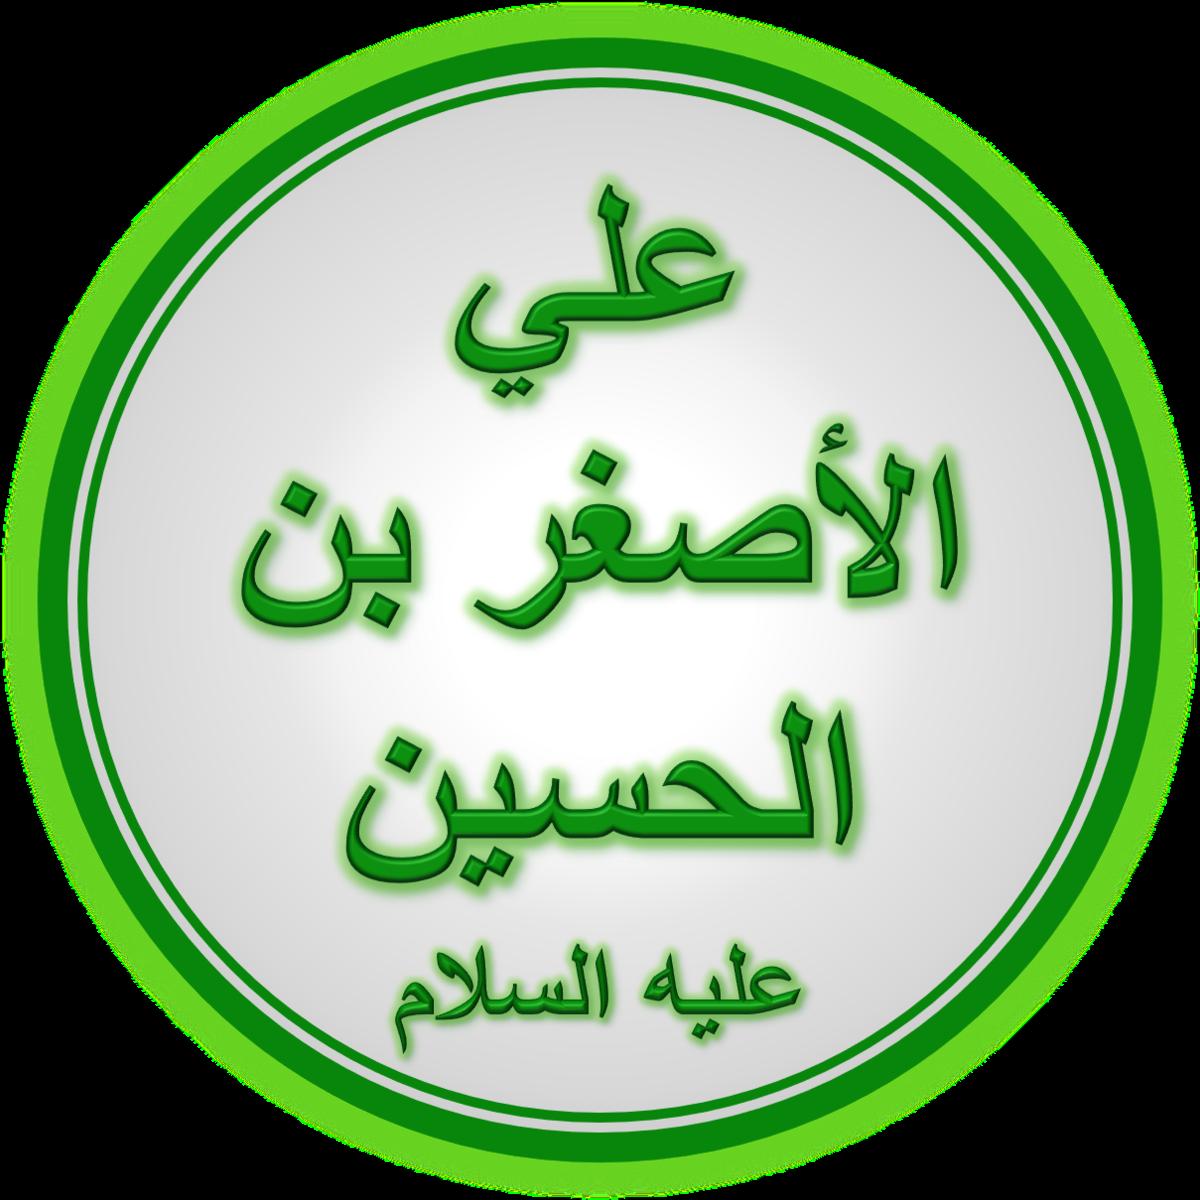 Ali al-Asghar ibn Husayn - Wikipedia